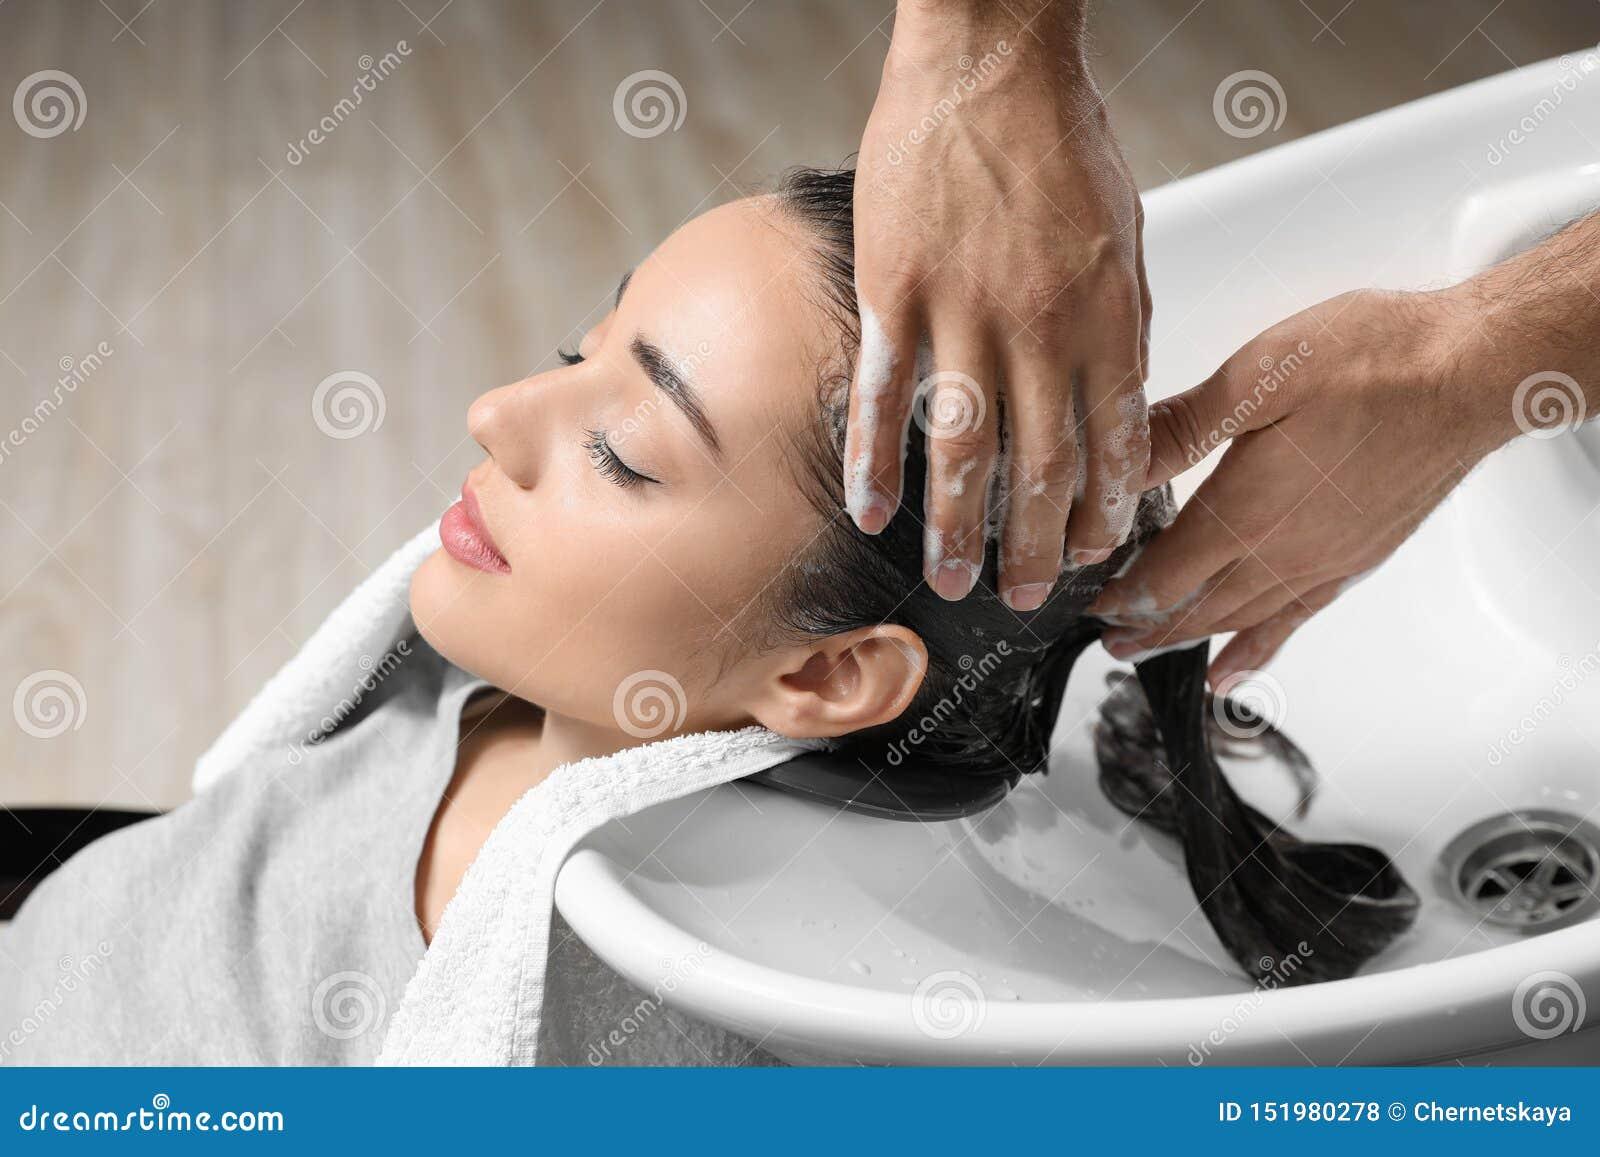 Stylisttvagningklients hår på vasken